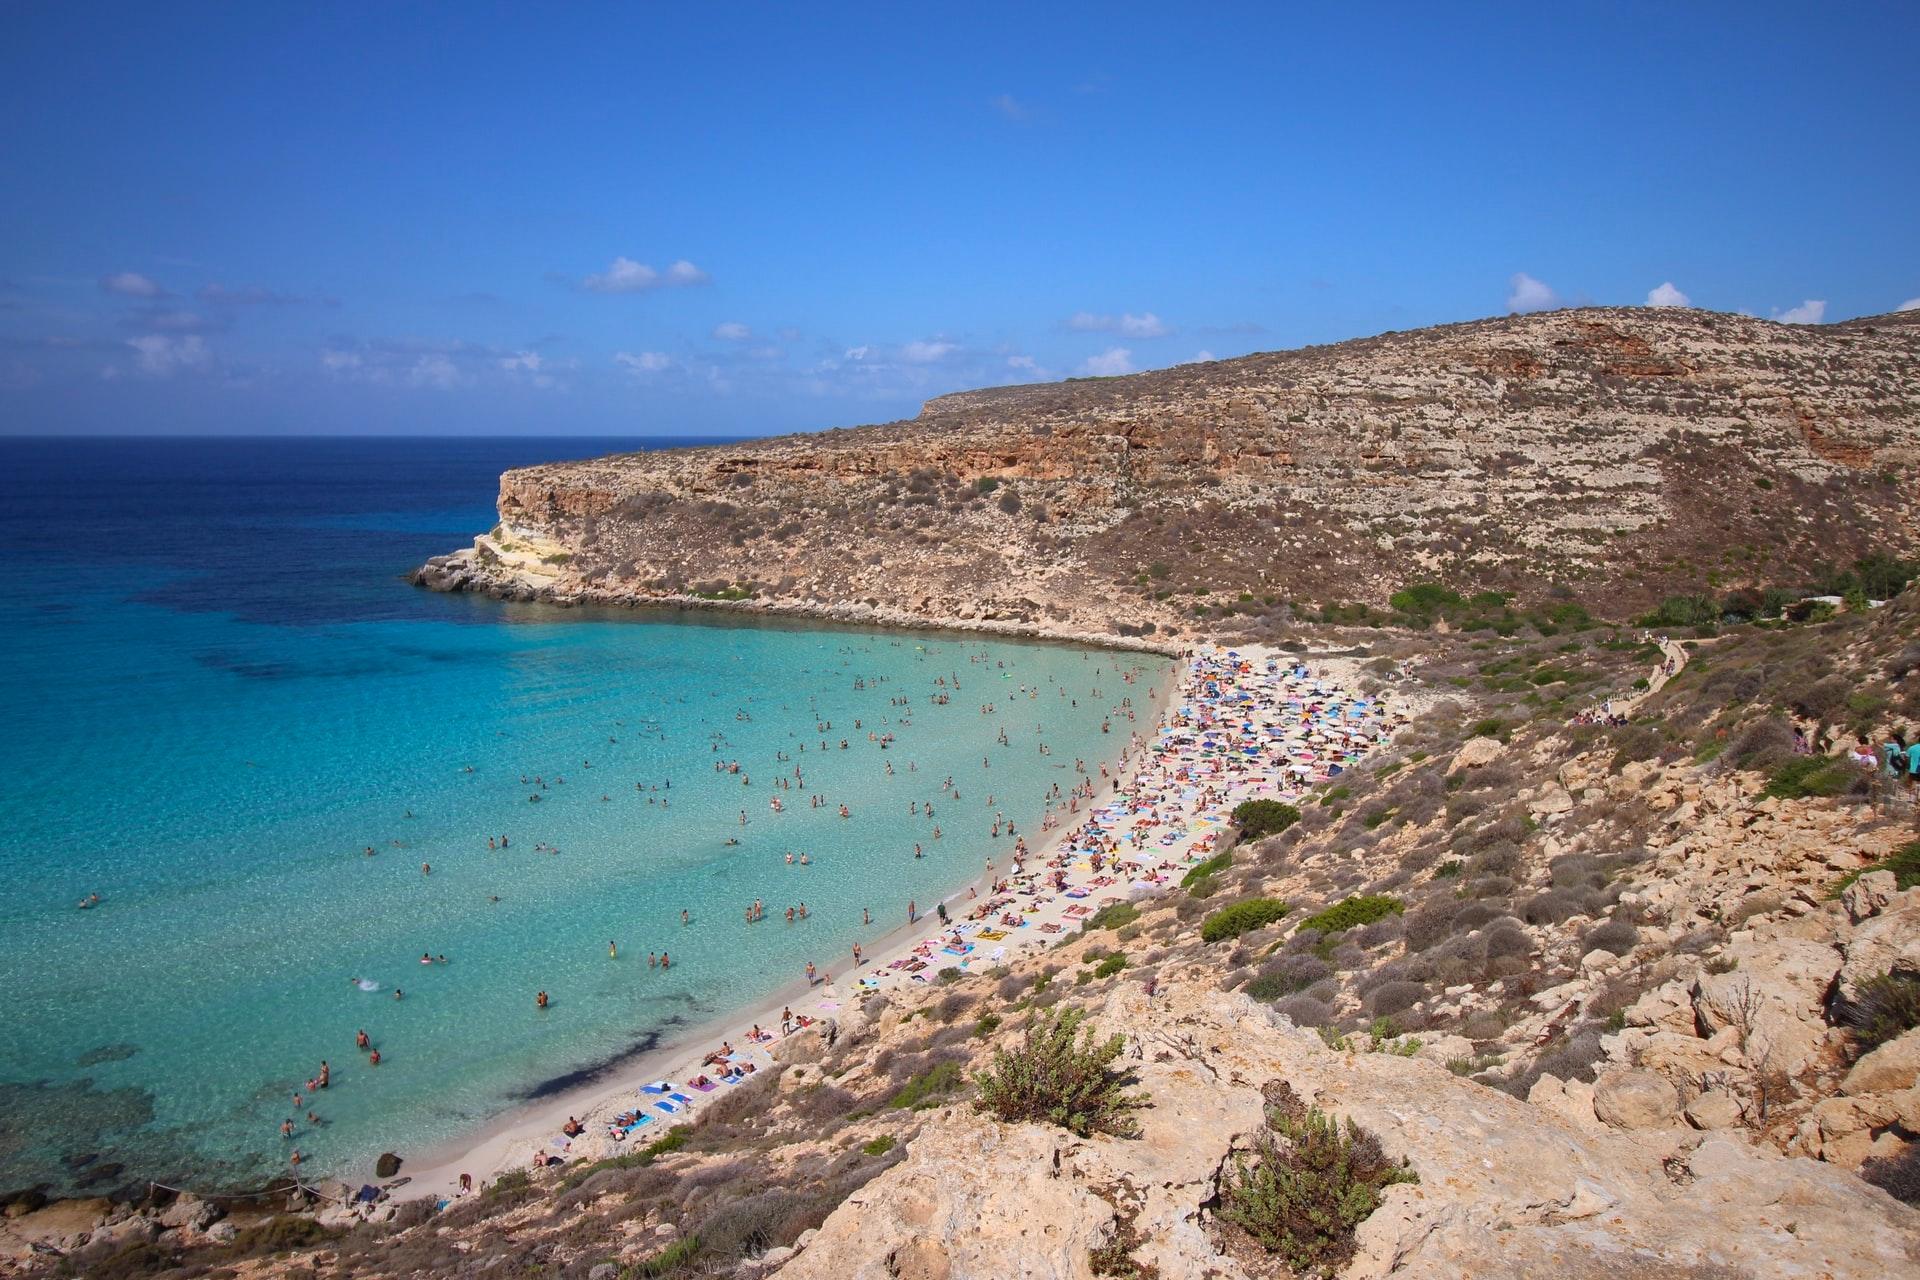 Spiaggia dei Conigli di Lampedusa, raddoppia il numero dei visitatori ammessi ogni giorno